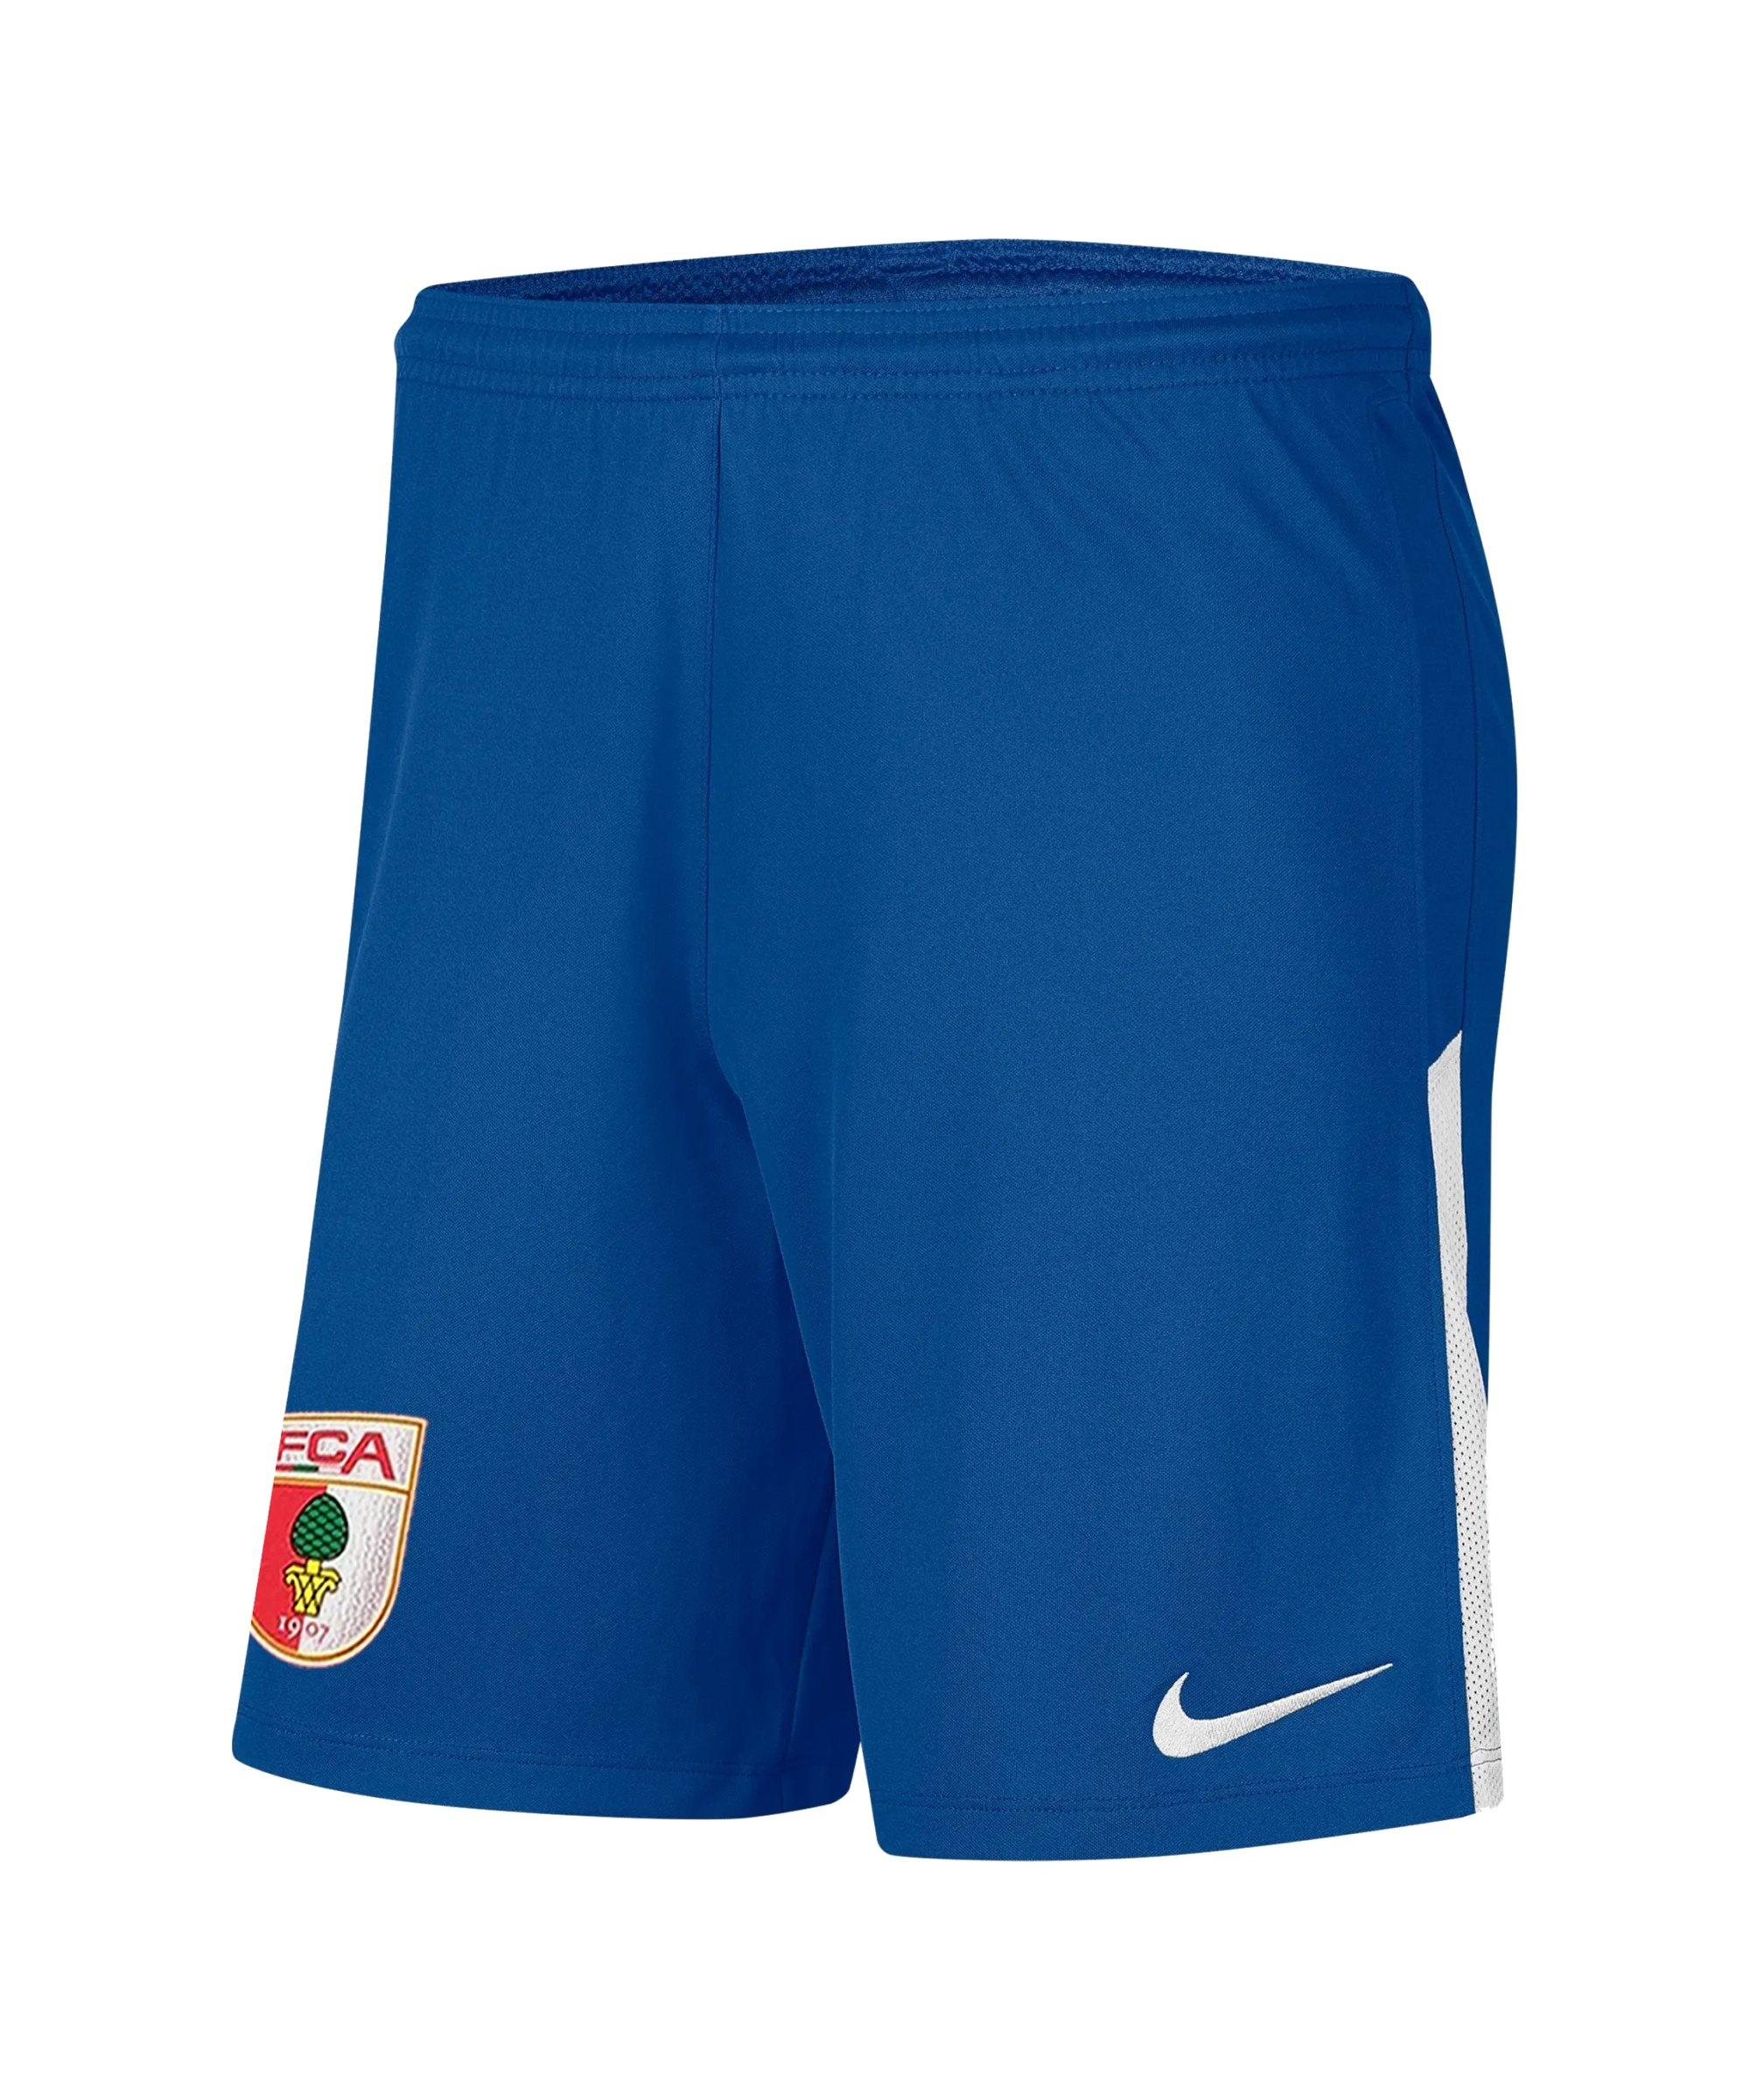 Nike FC Augsburg Torwartshort 2021/2022 F477 - blau